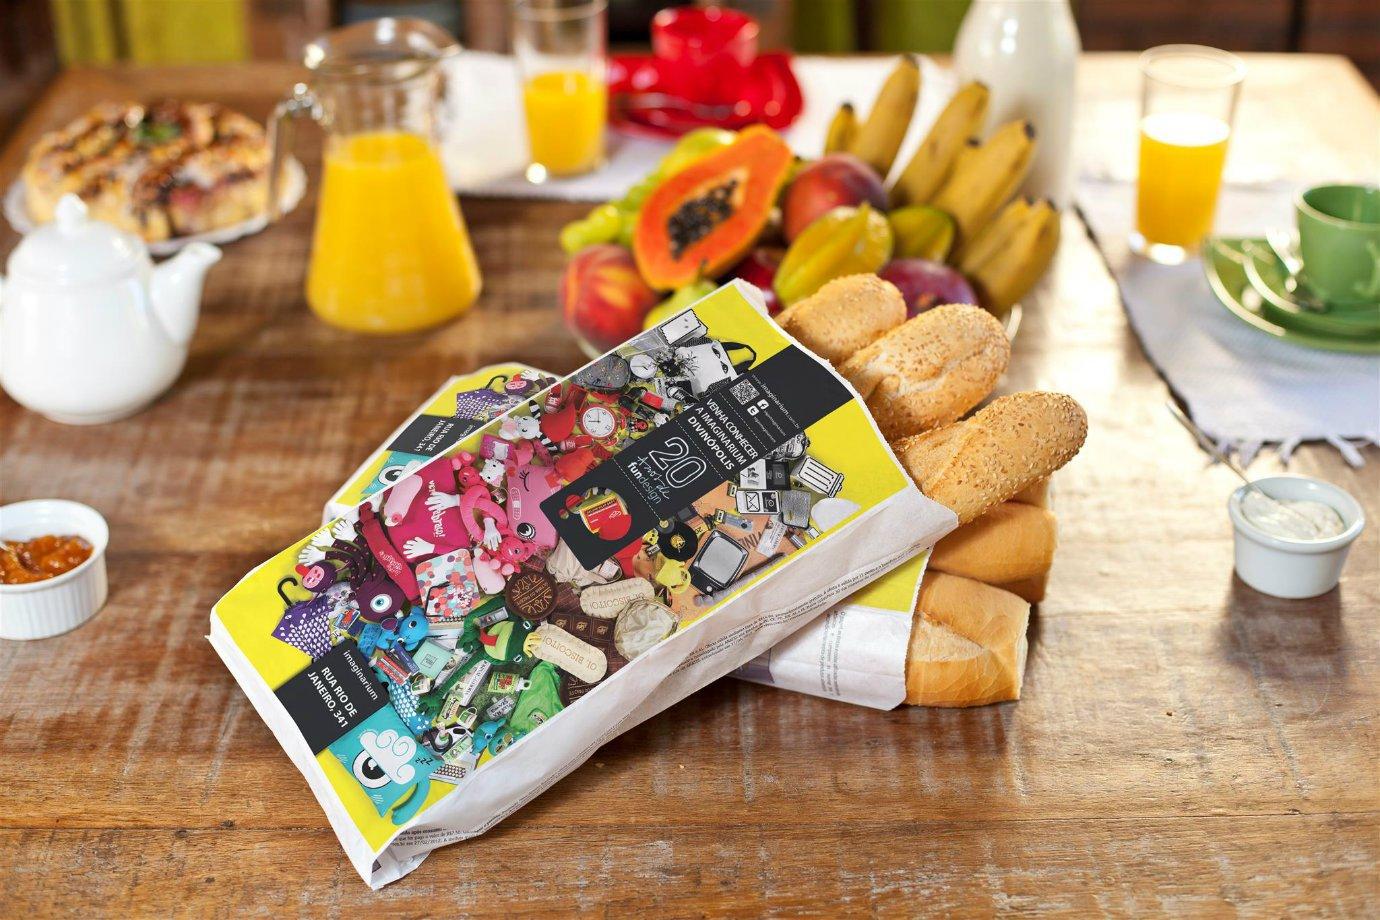 Sacos de pão com publicidade feita pela Mídia Pane